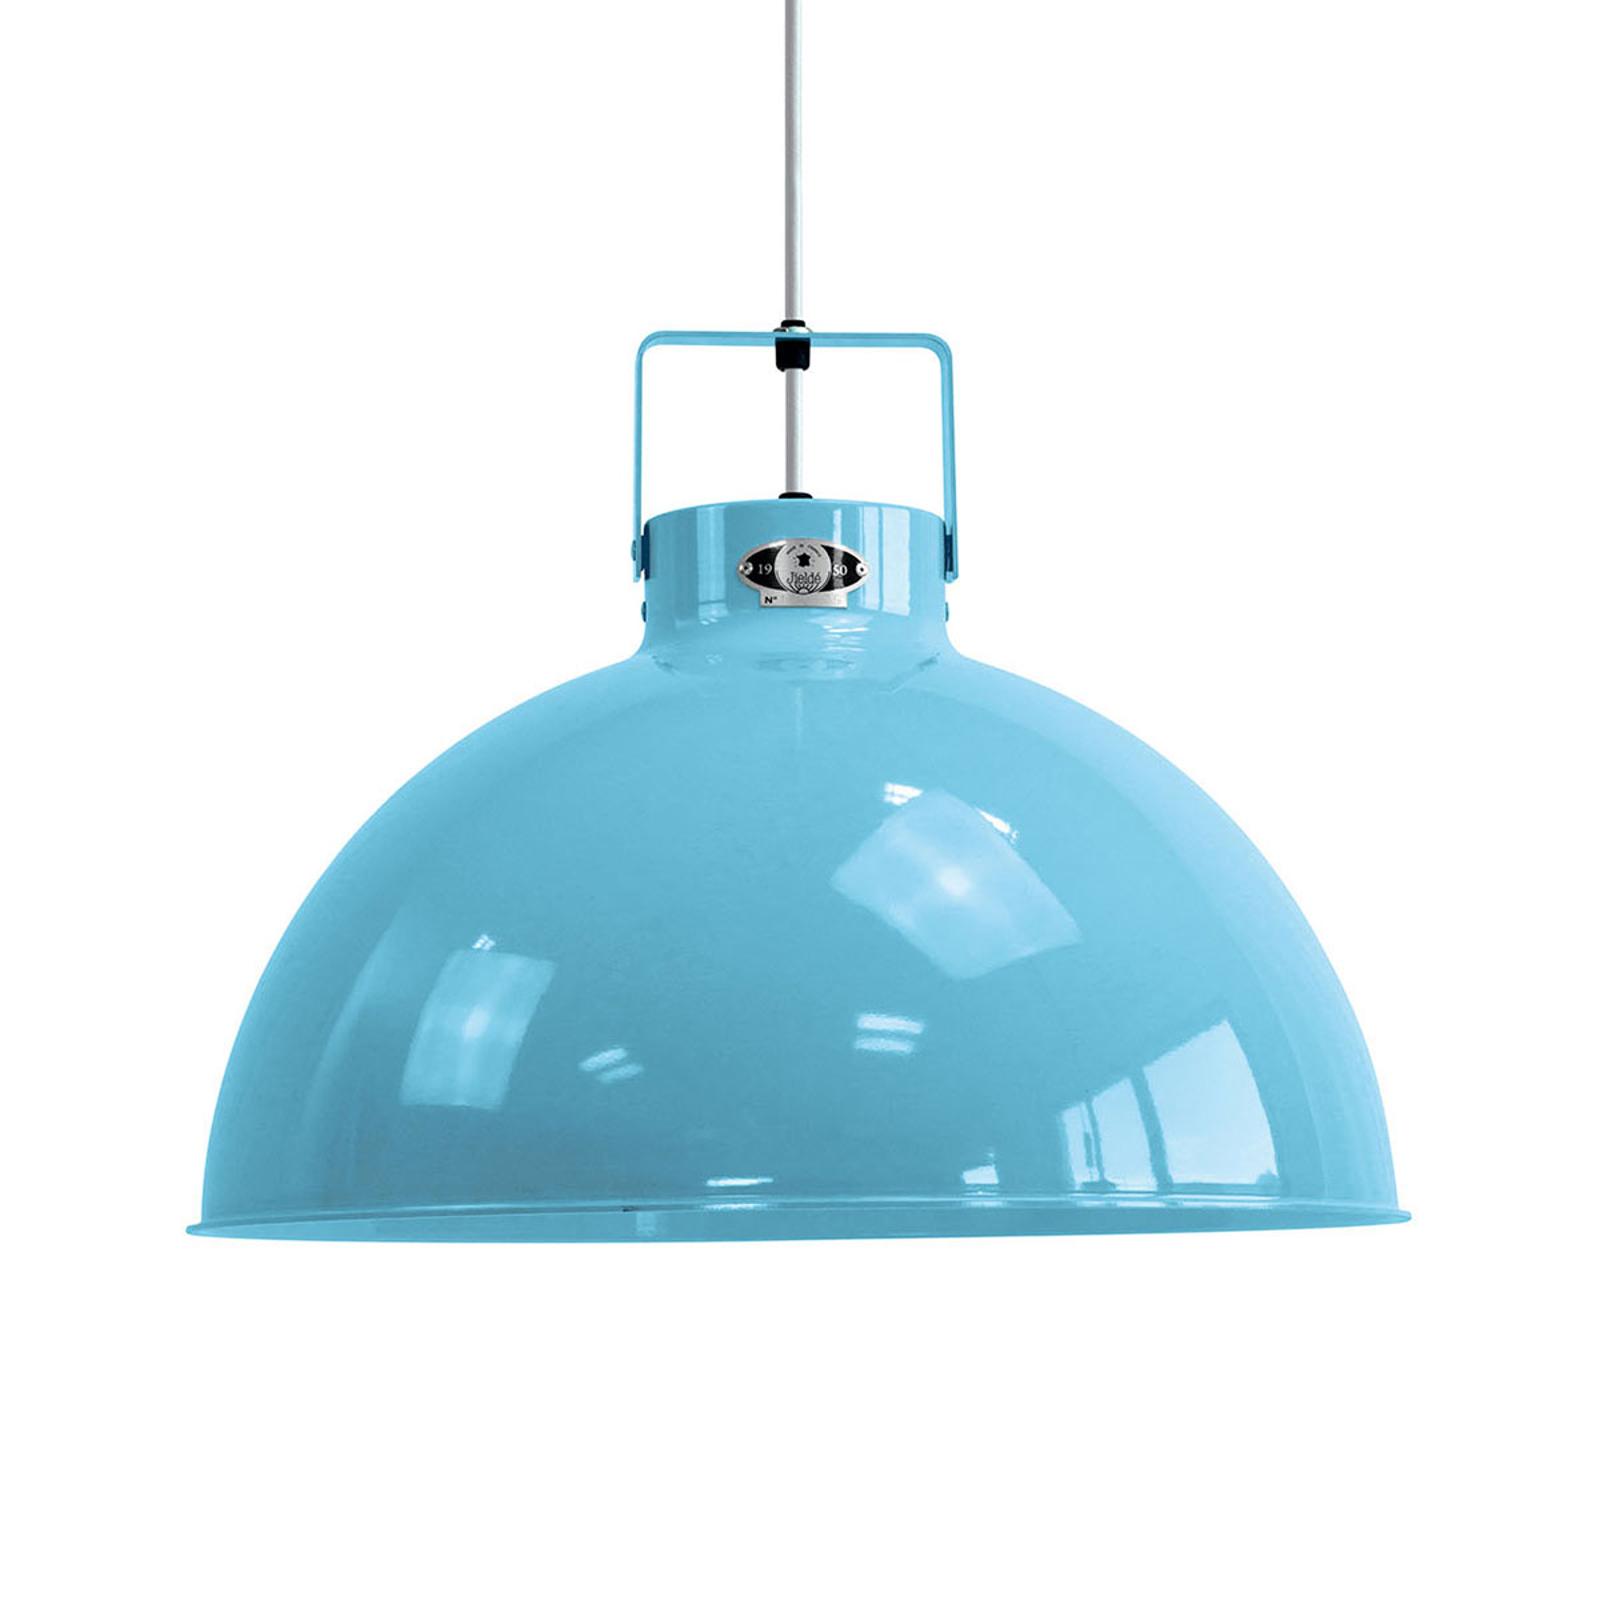 Jieldé Dante D450 hanglamp, lichtblauw, Ø 45 cm